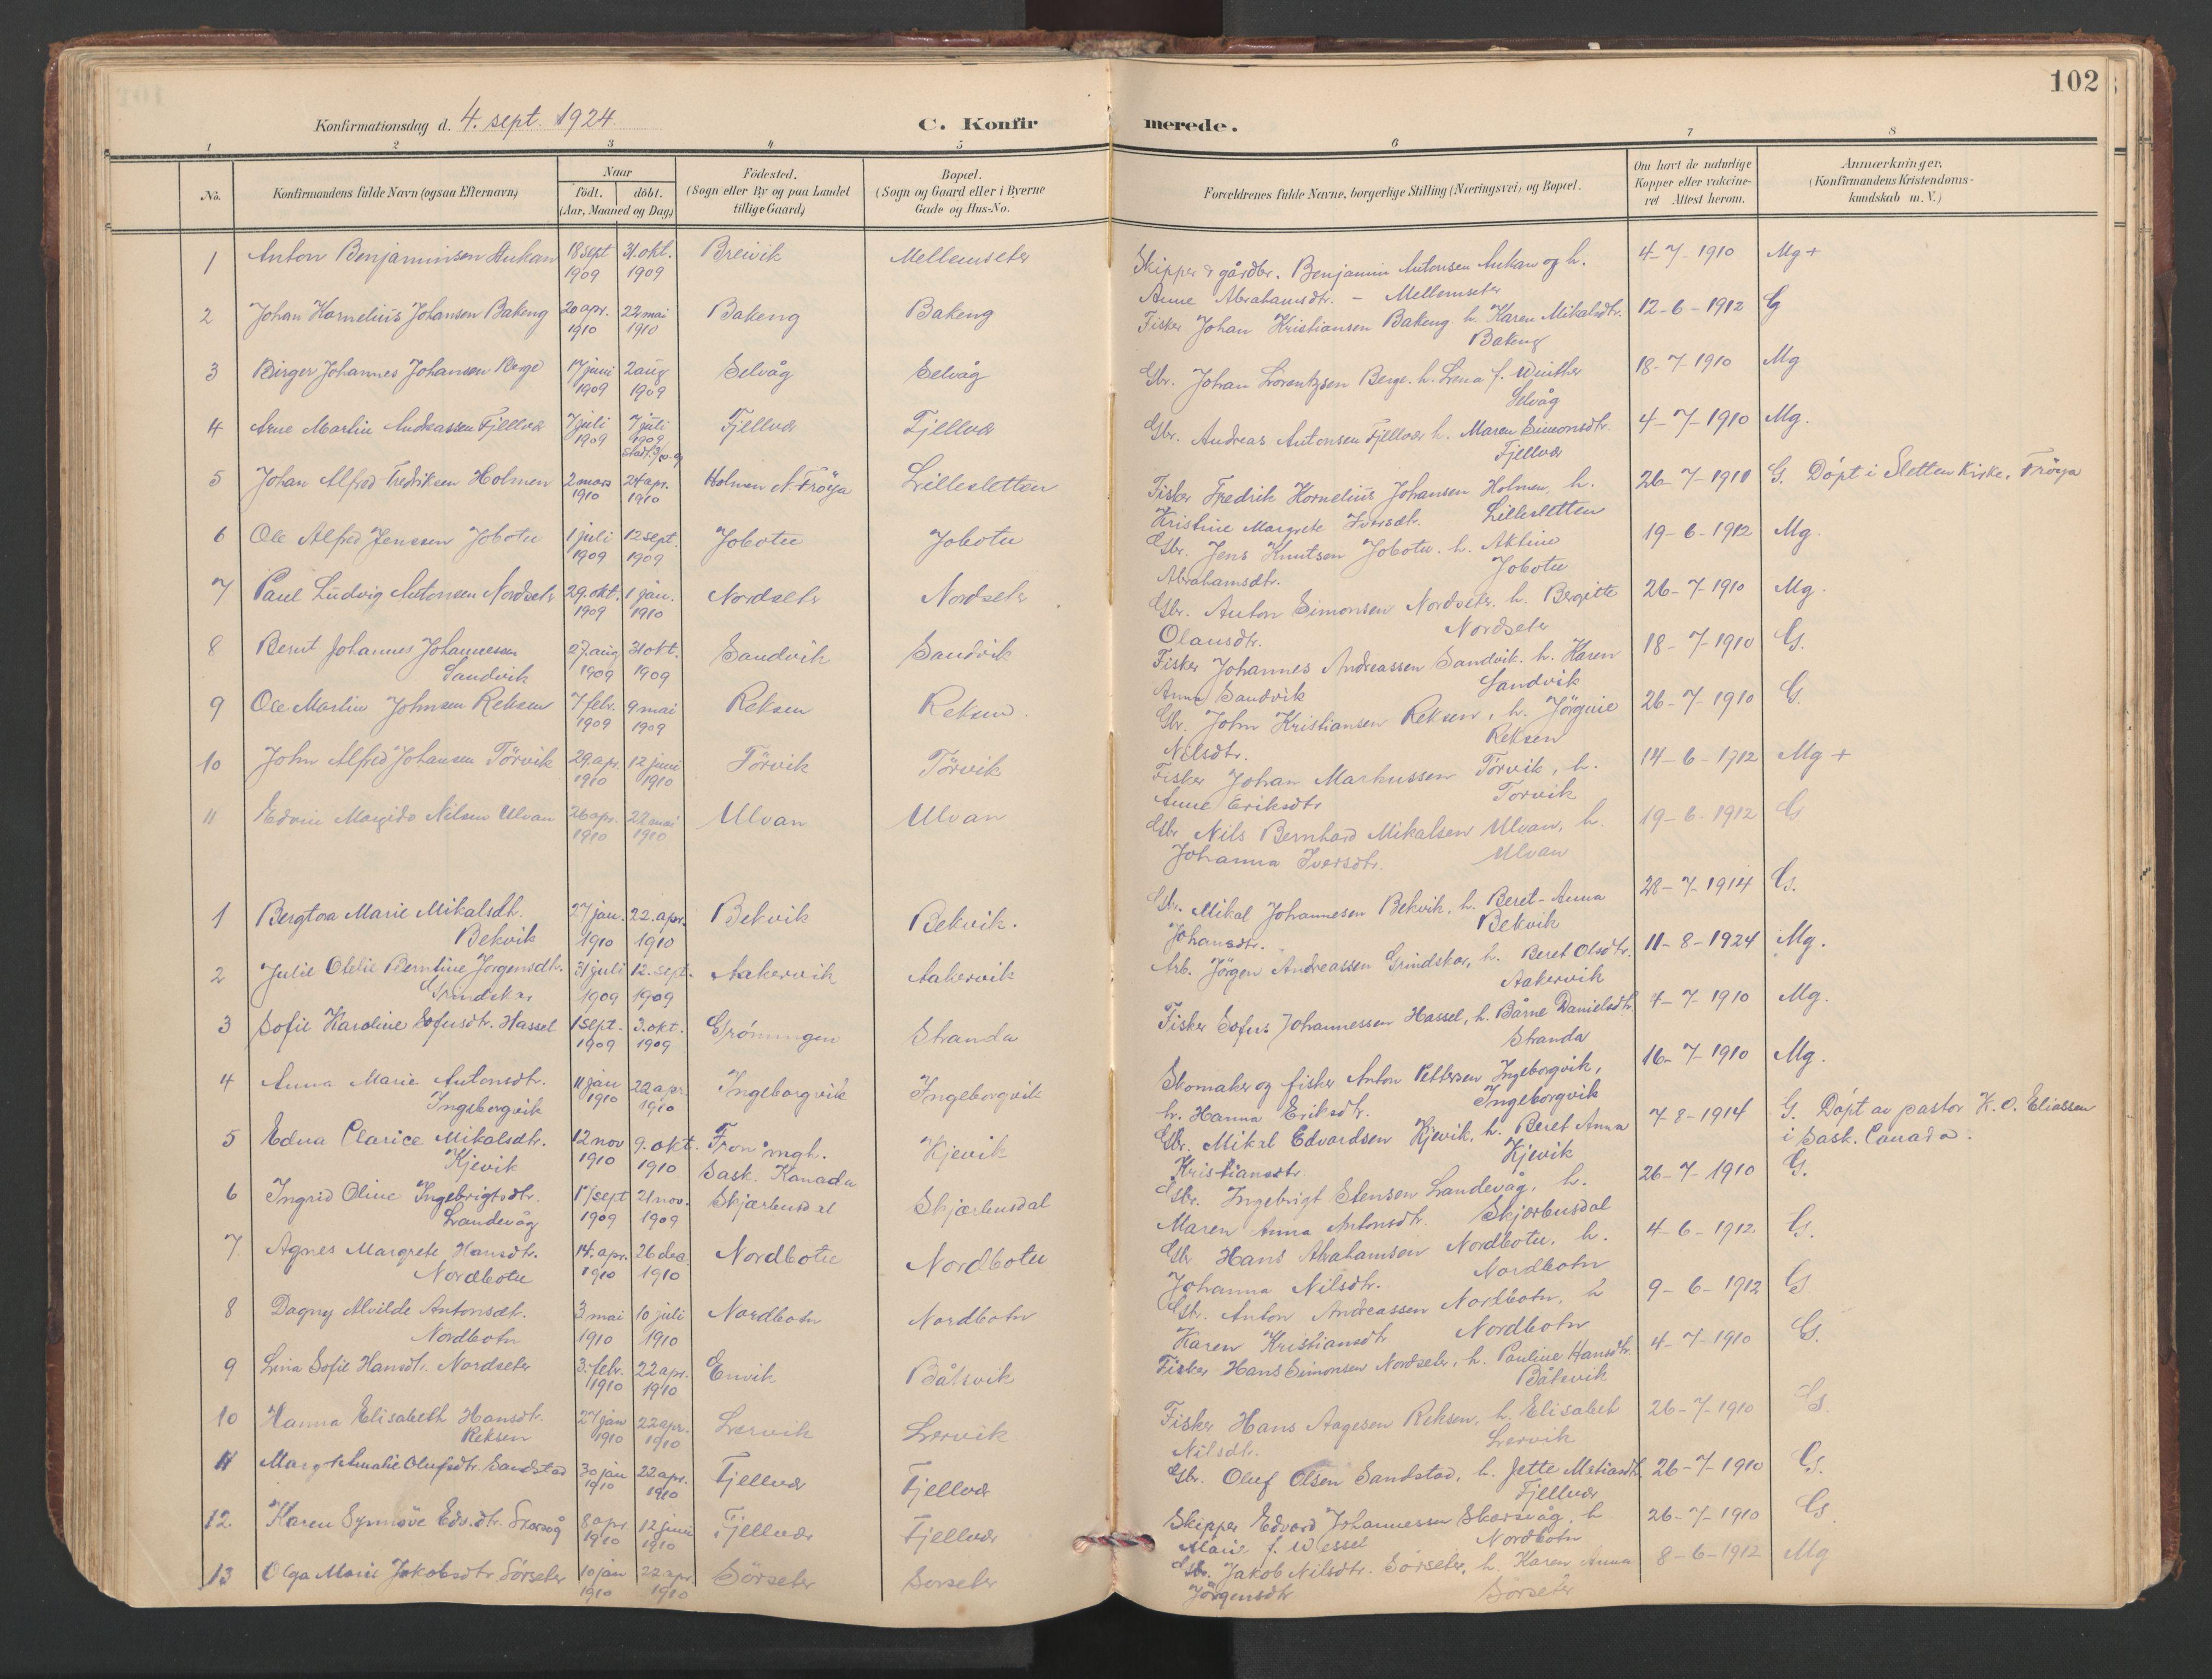 SAT, Ministerialprotokoller, klokkerbøker og fødselsregistre - Sør-Trøndelag, 638/L0571: Klokkerbok nr. 638C03, 1901-1930, s. 102